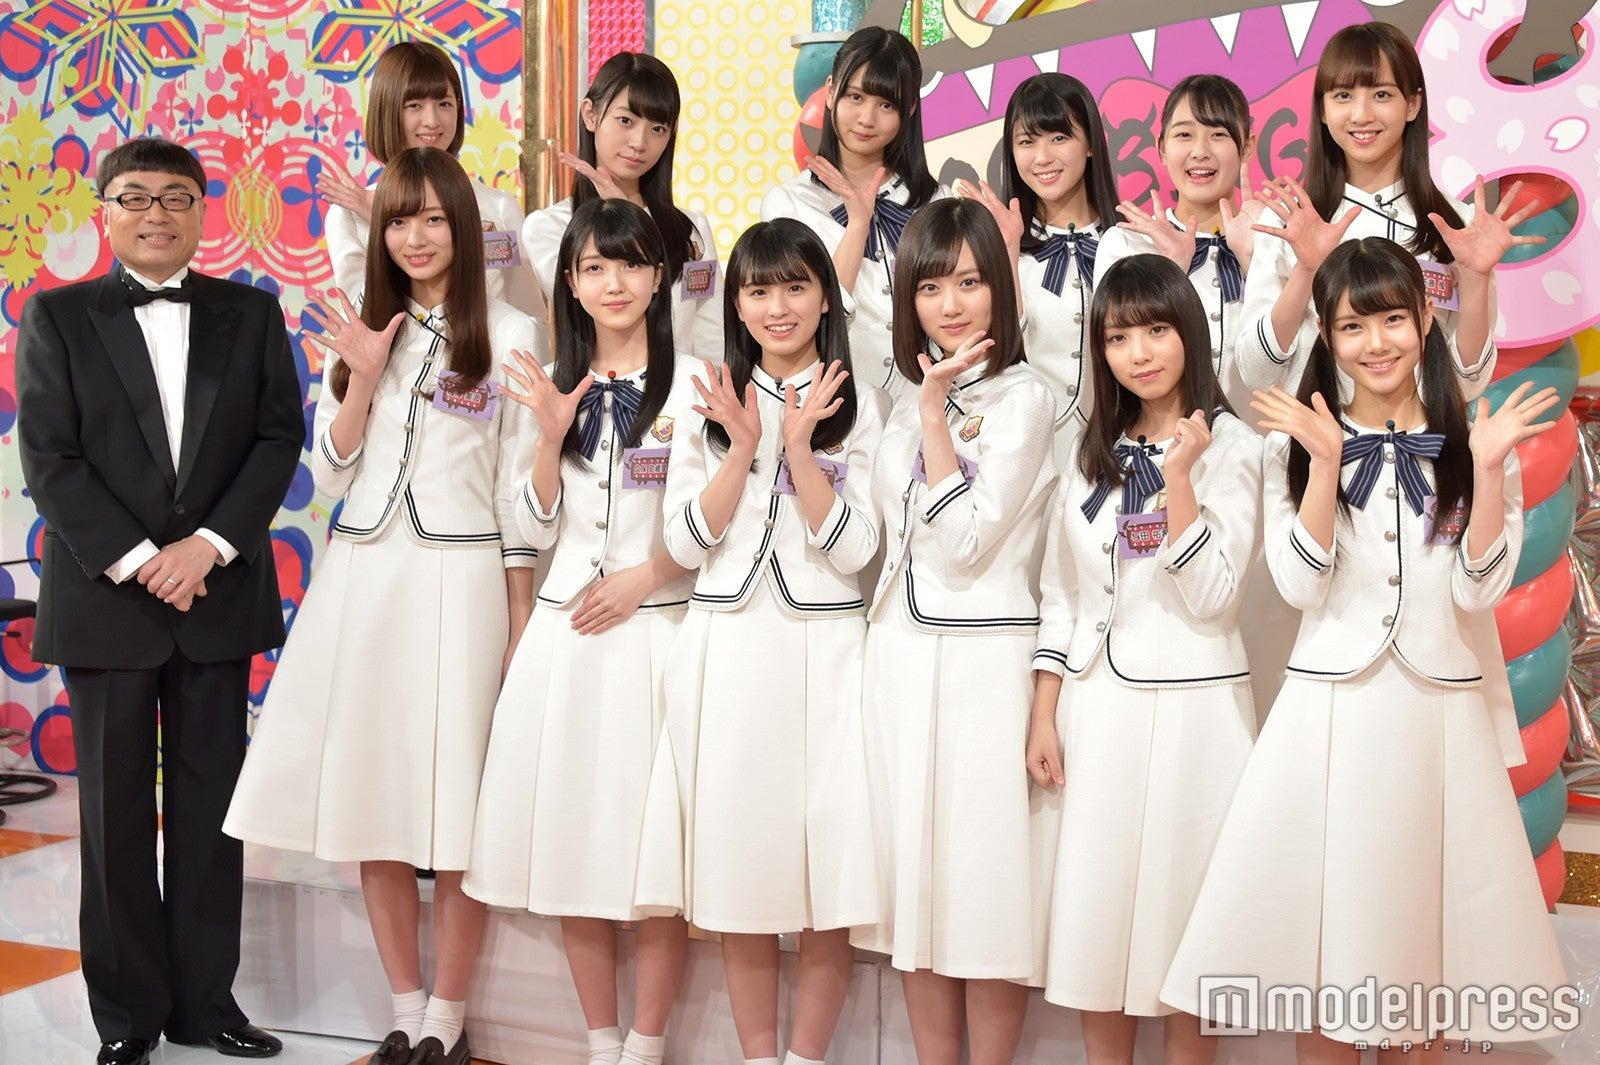 乃木坂46新メンバー、初バラエティの洗礼受ける…「NOGIBINGO!」新シリーズで3期生が覚醒か?